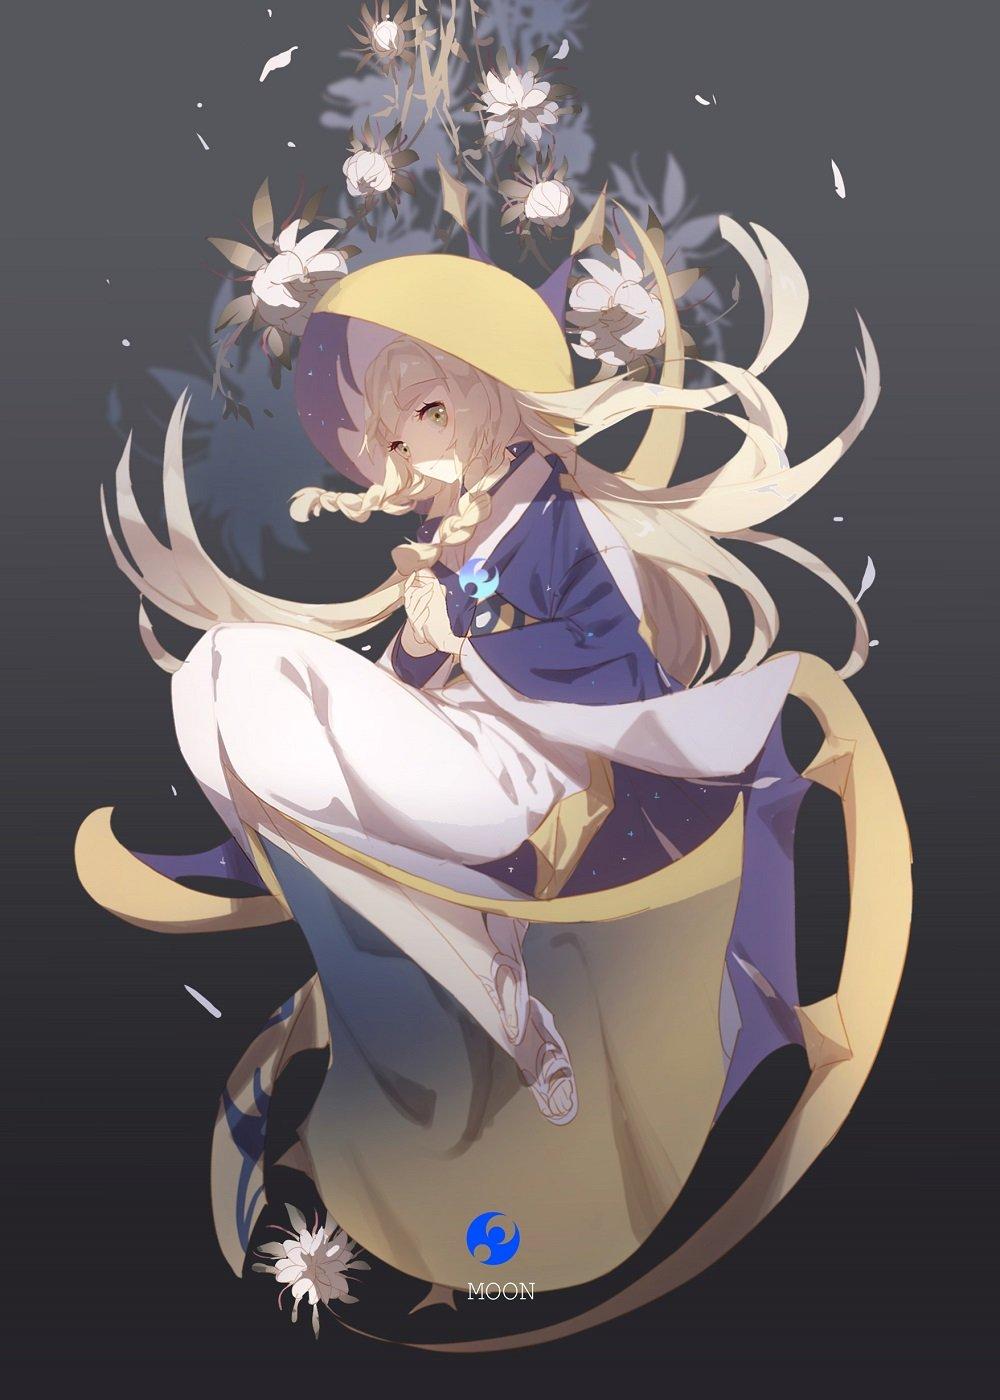 Lillie (Pokémon) - Pokémon Sun & Moon - Zerochan Anime Image Board